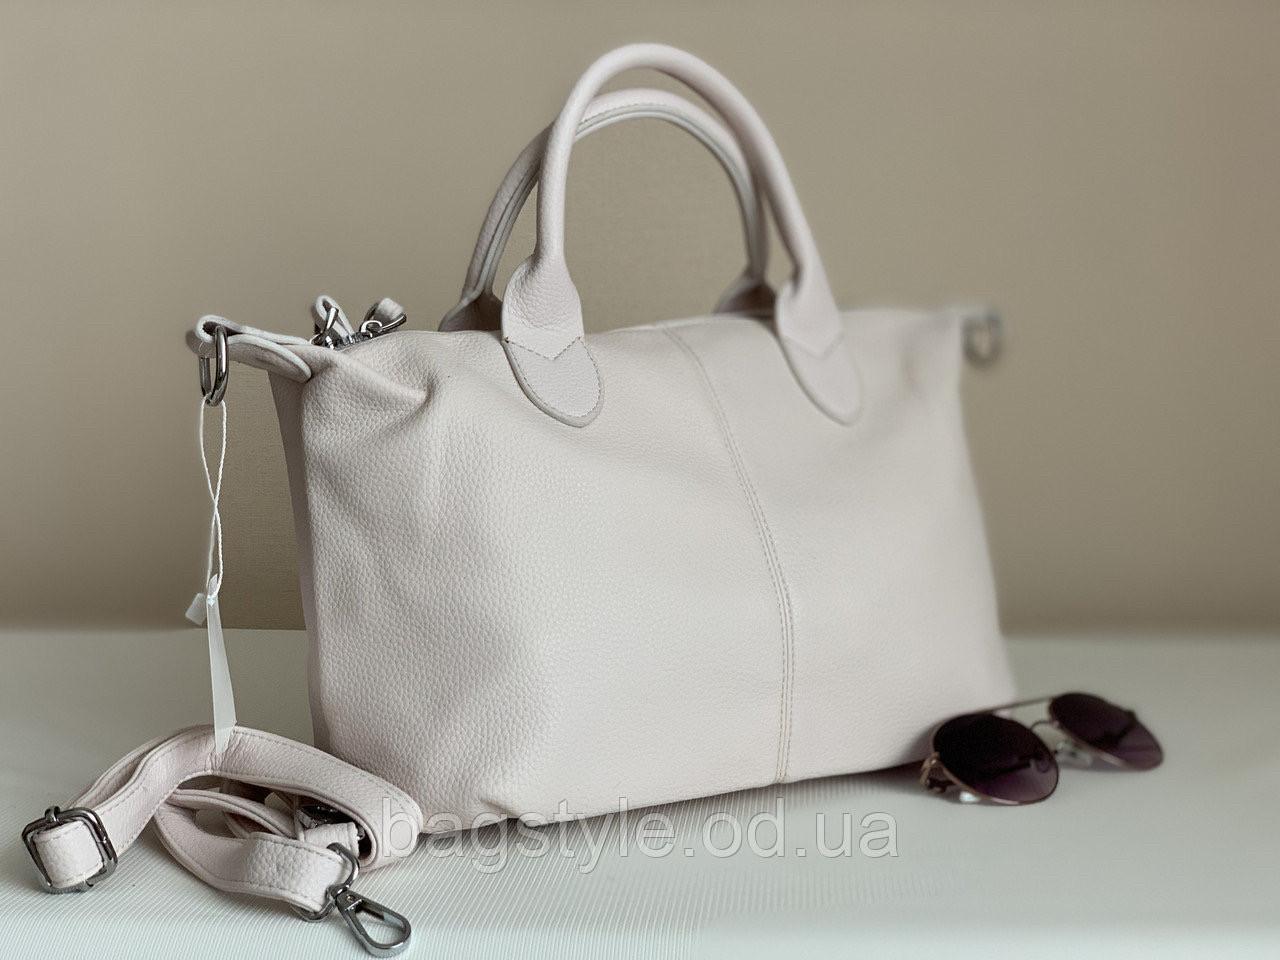 Белая женская сумка на плечо